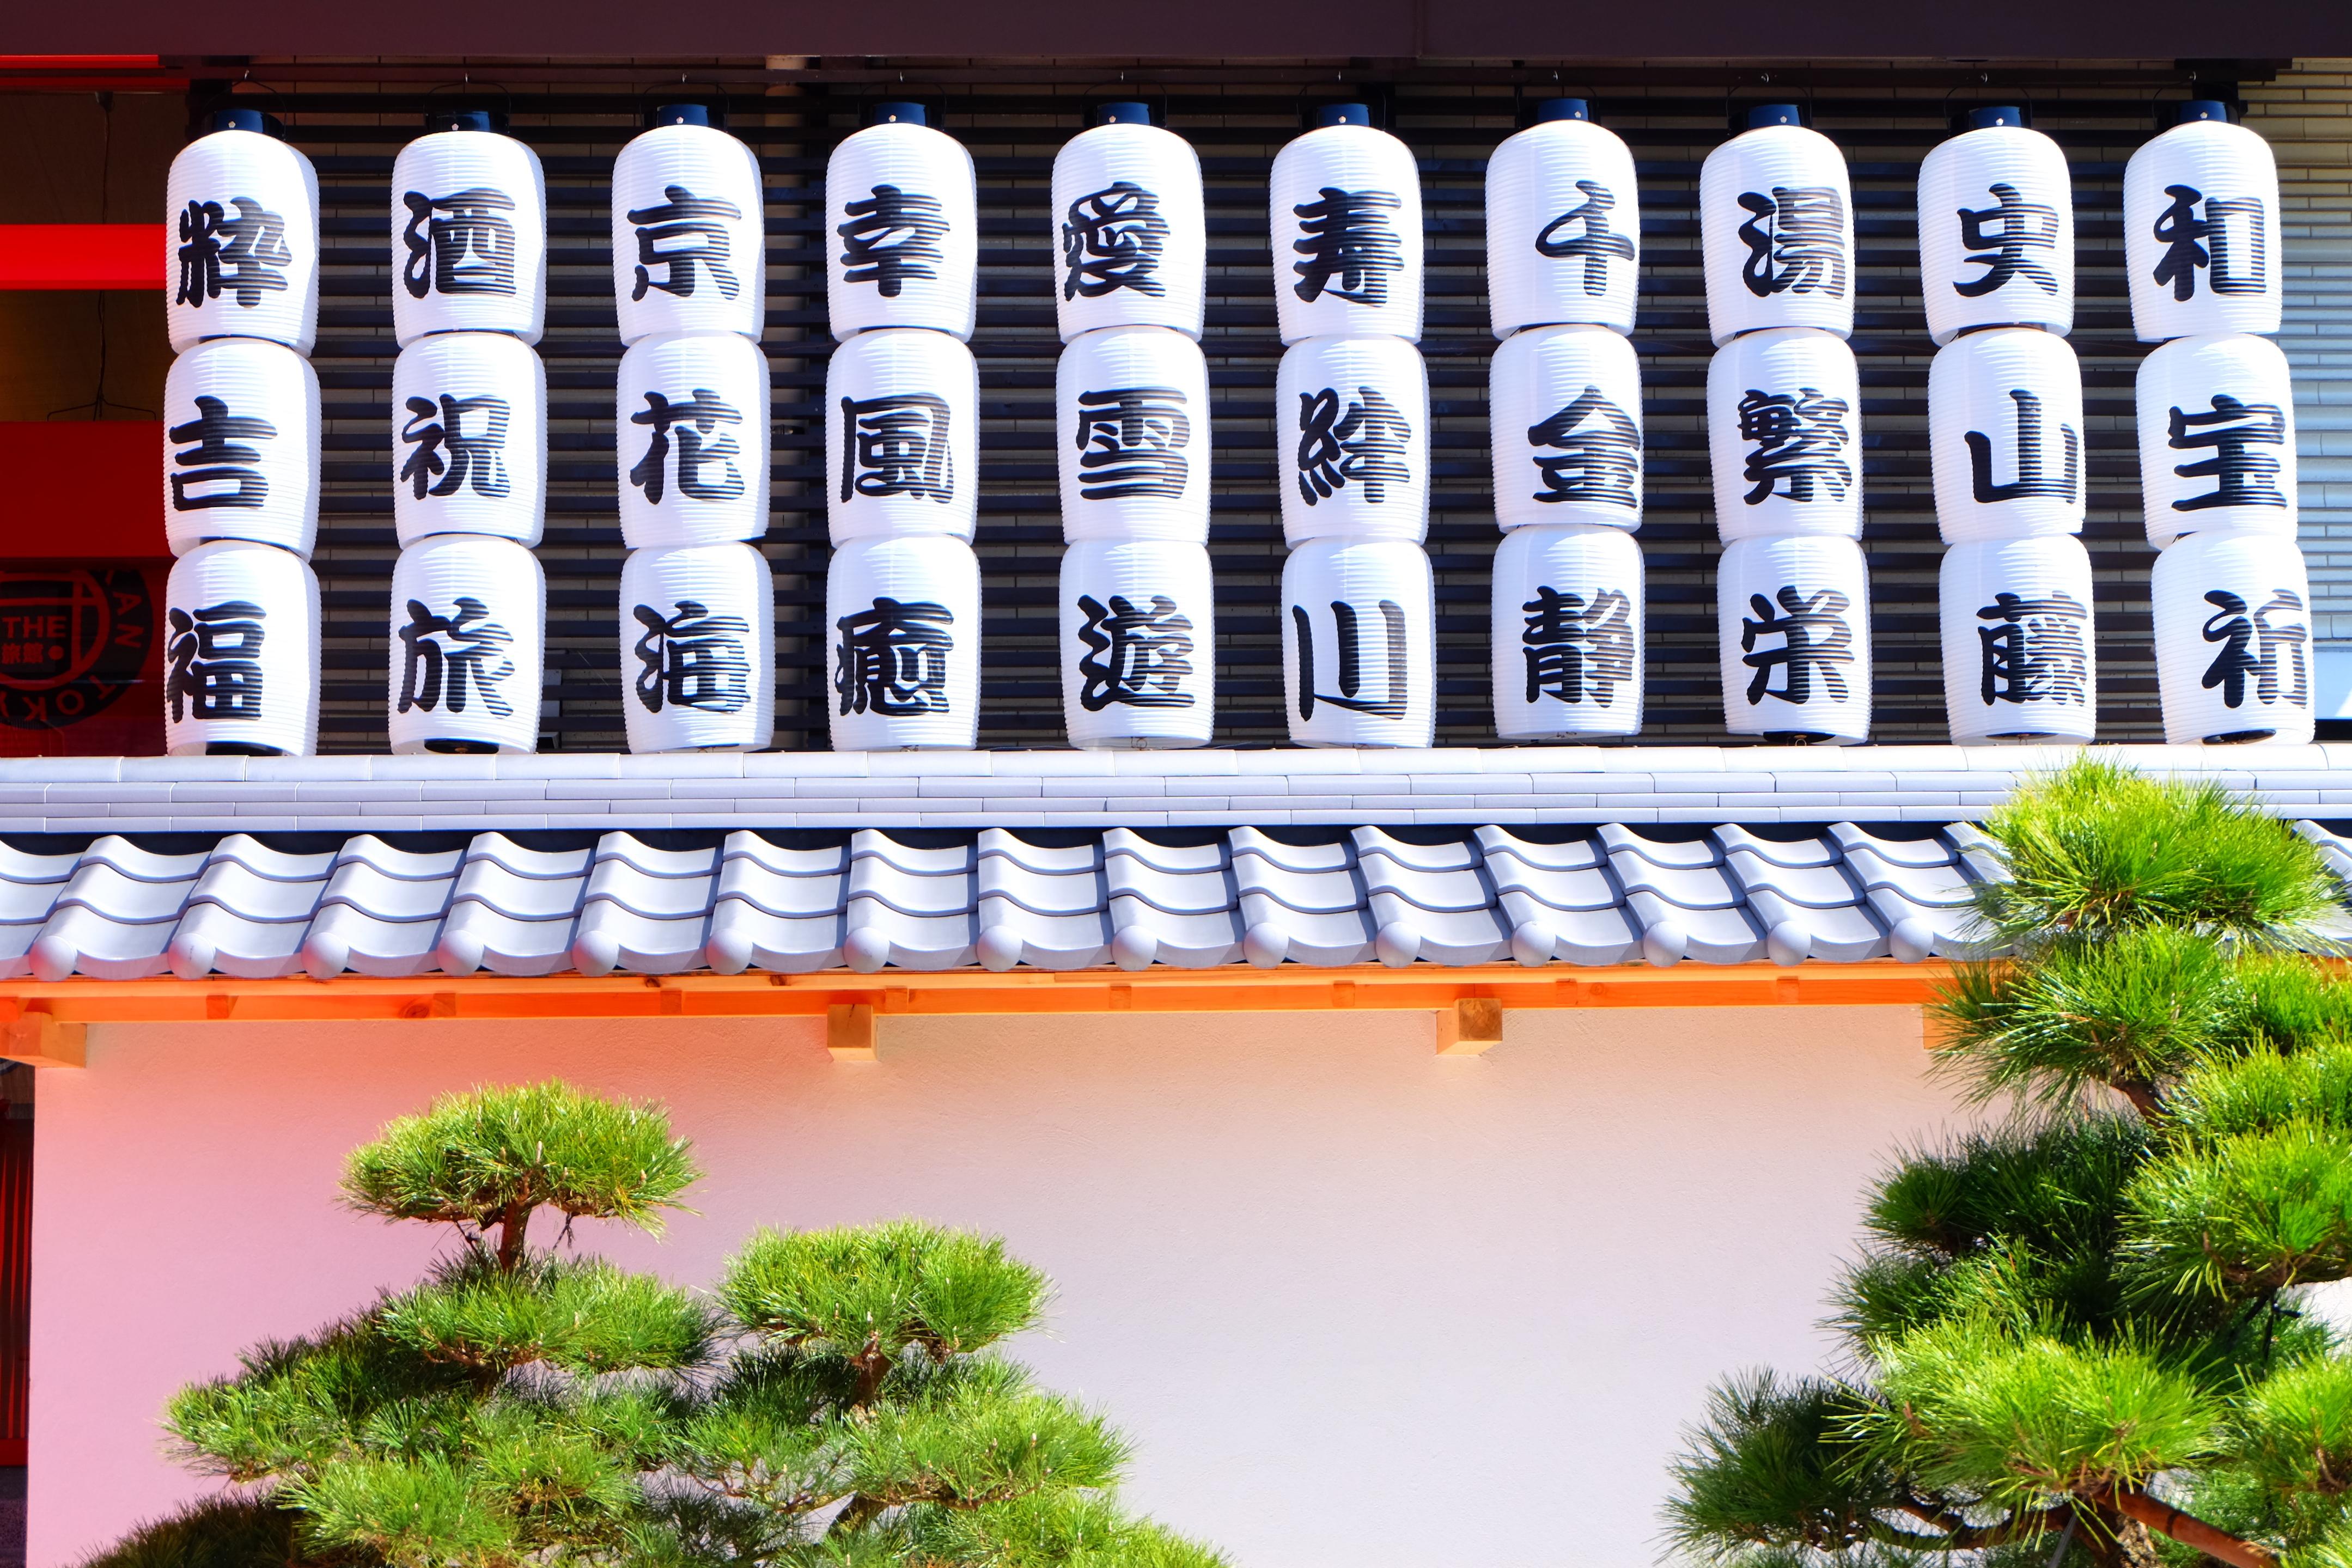 「#私の好きな日本」フォトキャンペーン